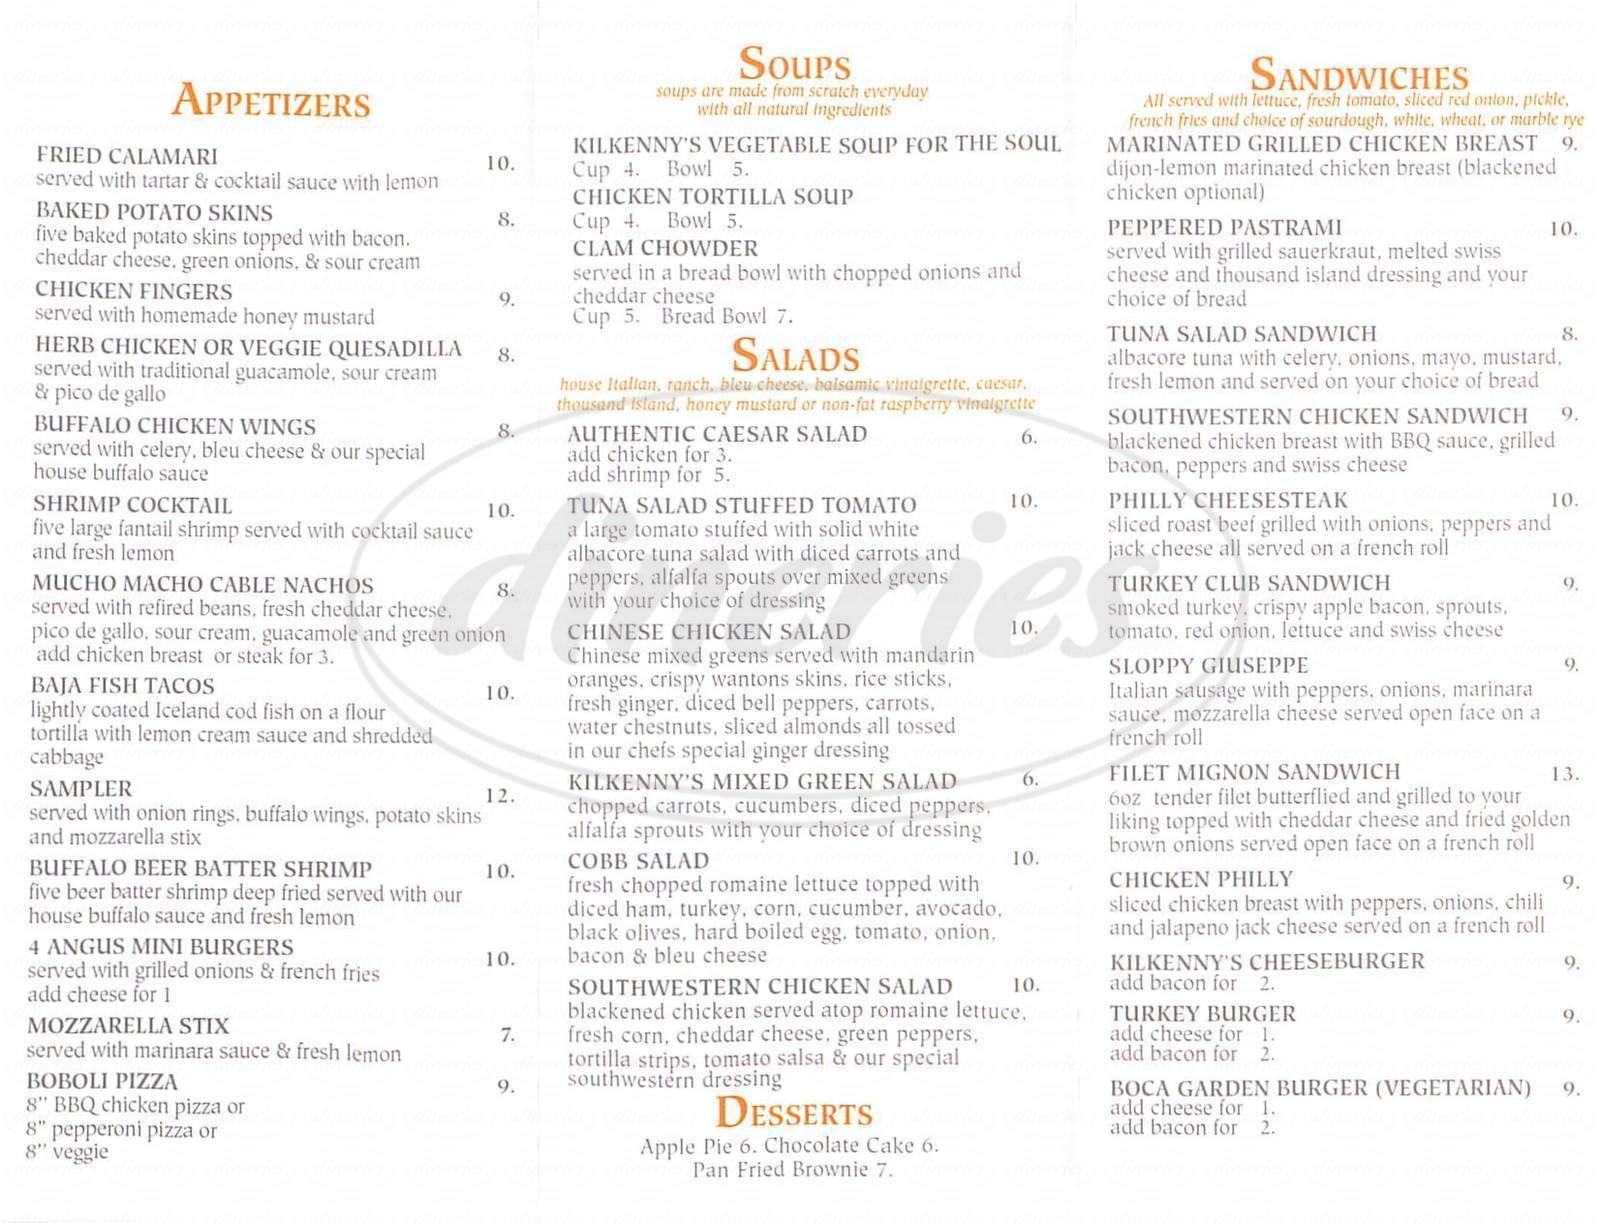 menu for Kilkenny's